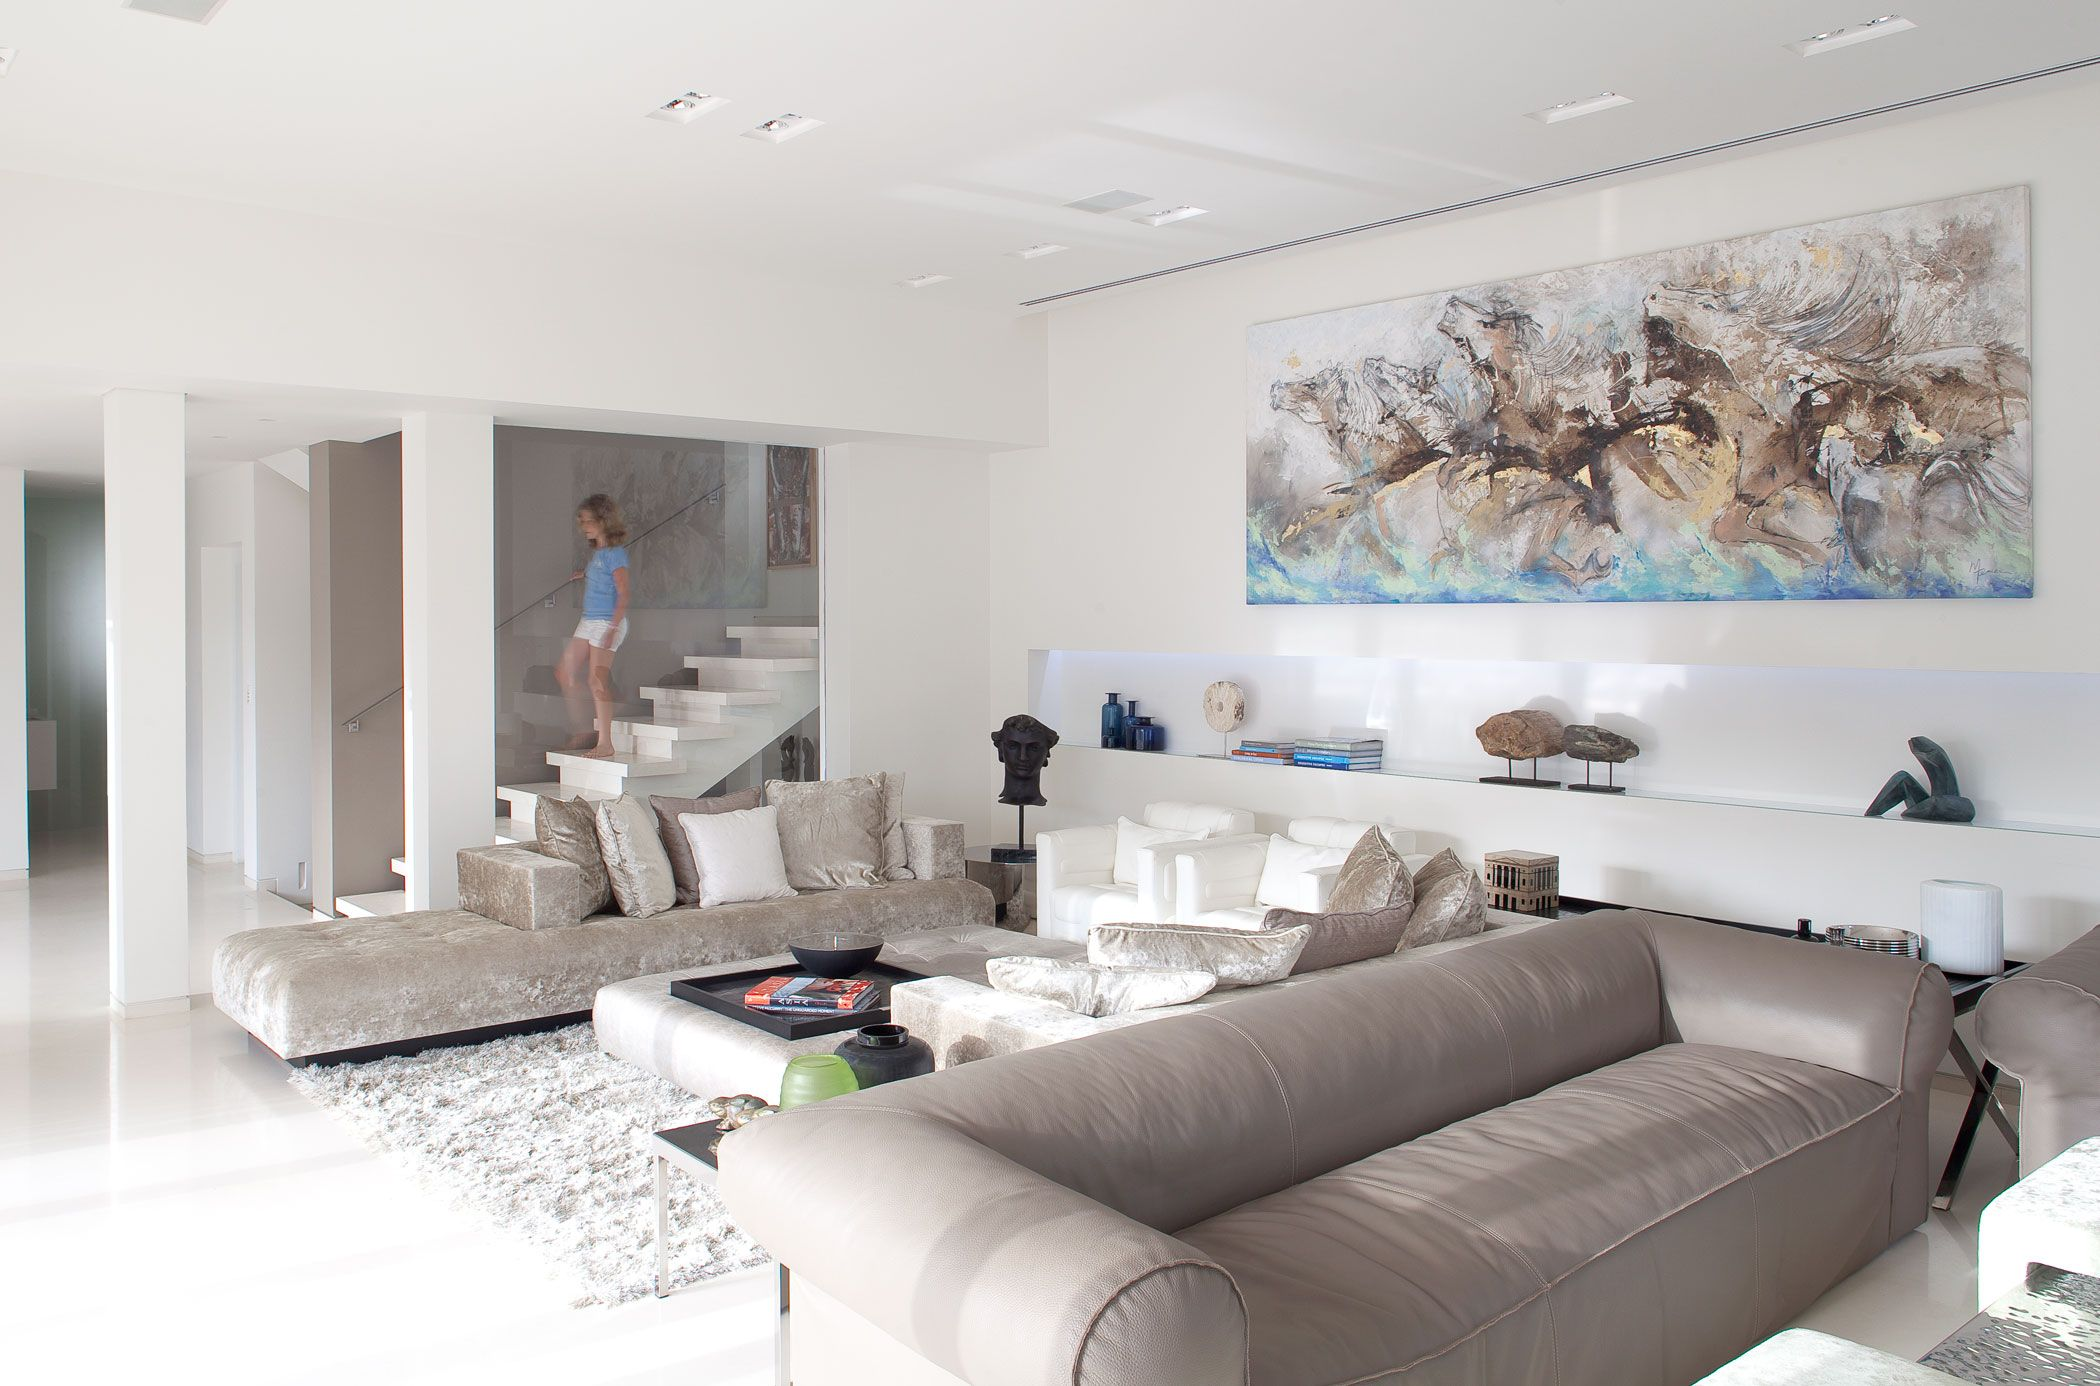 Wohnwand Ideen Echtholz Eiche Hell Modernes Wohnzimmer Einrichten | Living  | Pinterest | Wohnwand Ideen, Moderne Wohnzimmer Und Wohnzimmer Einrichten